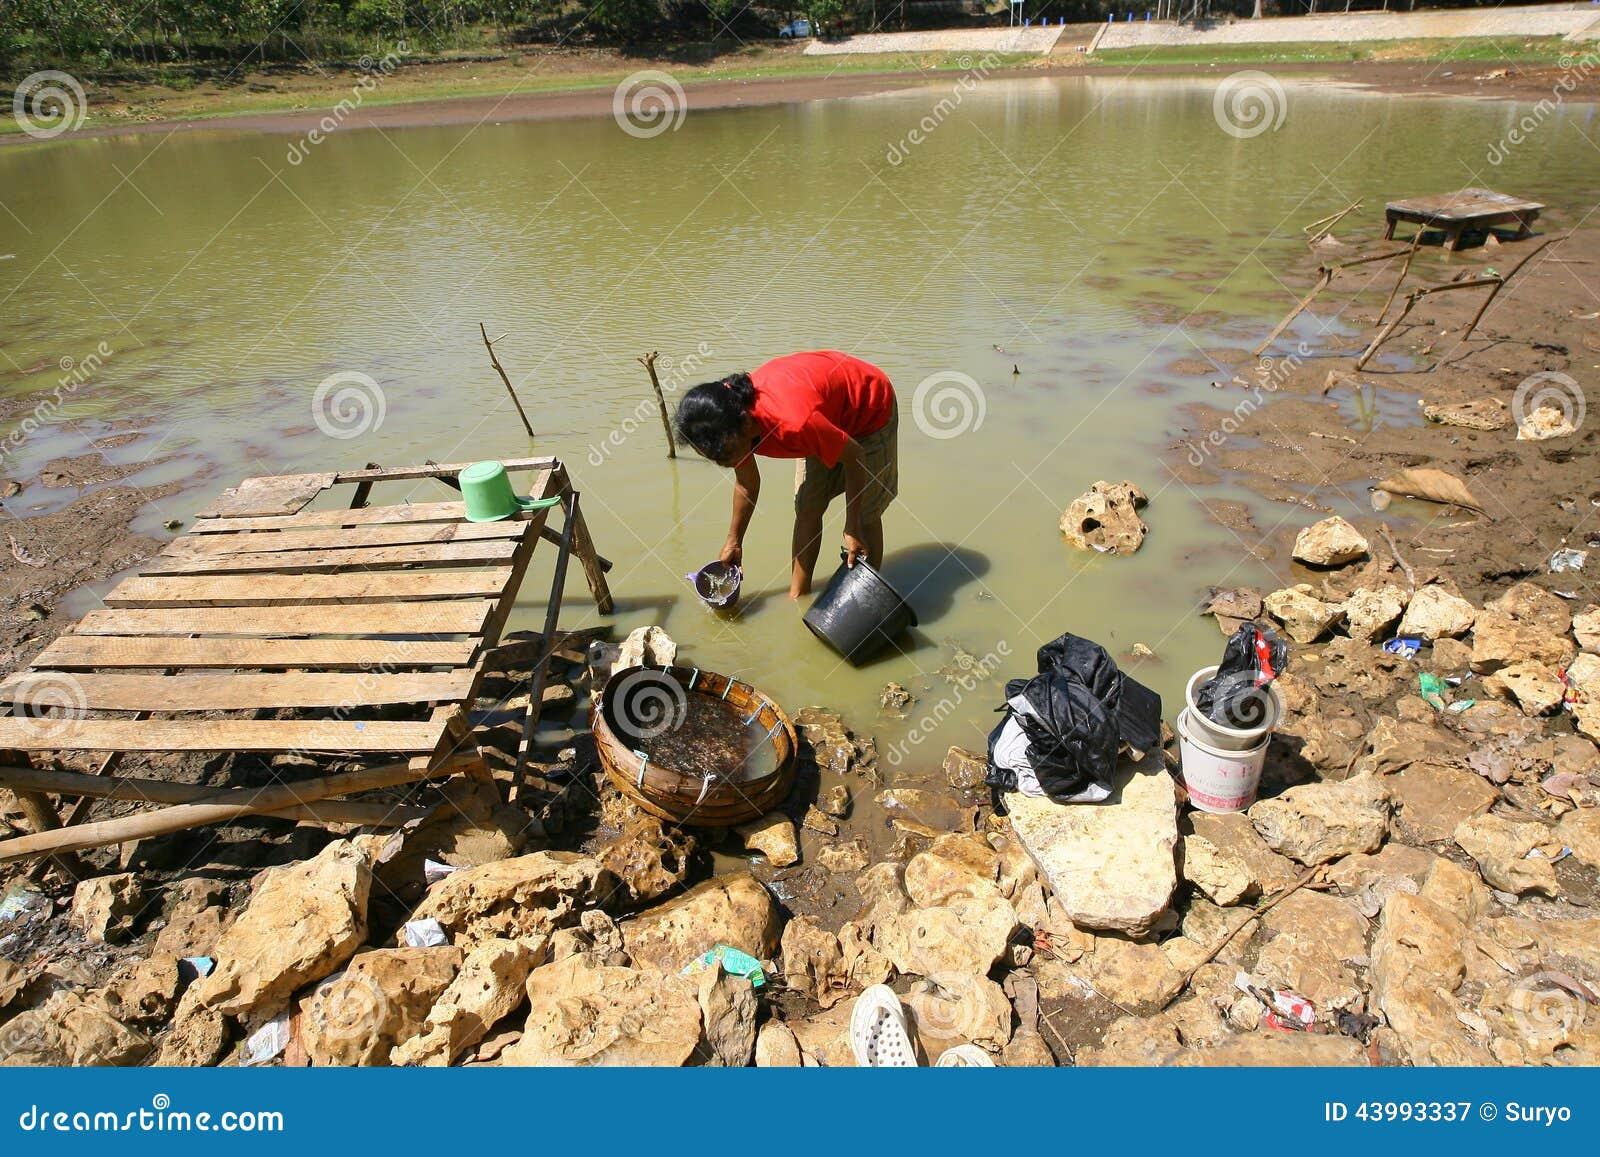 Jakarta water problem